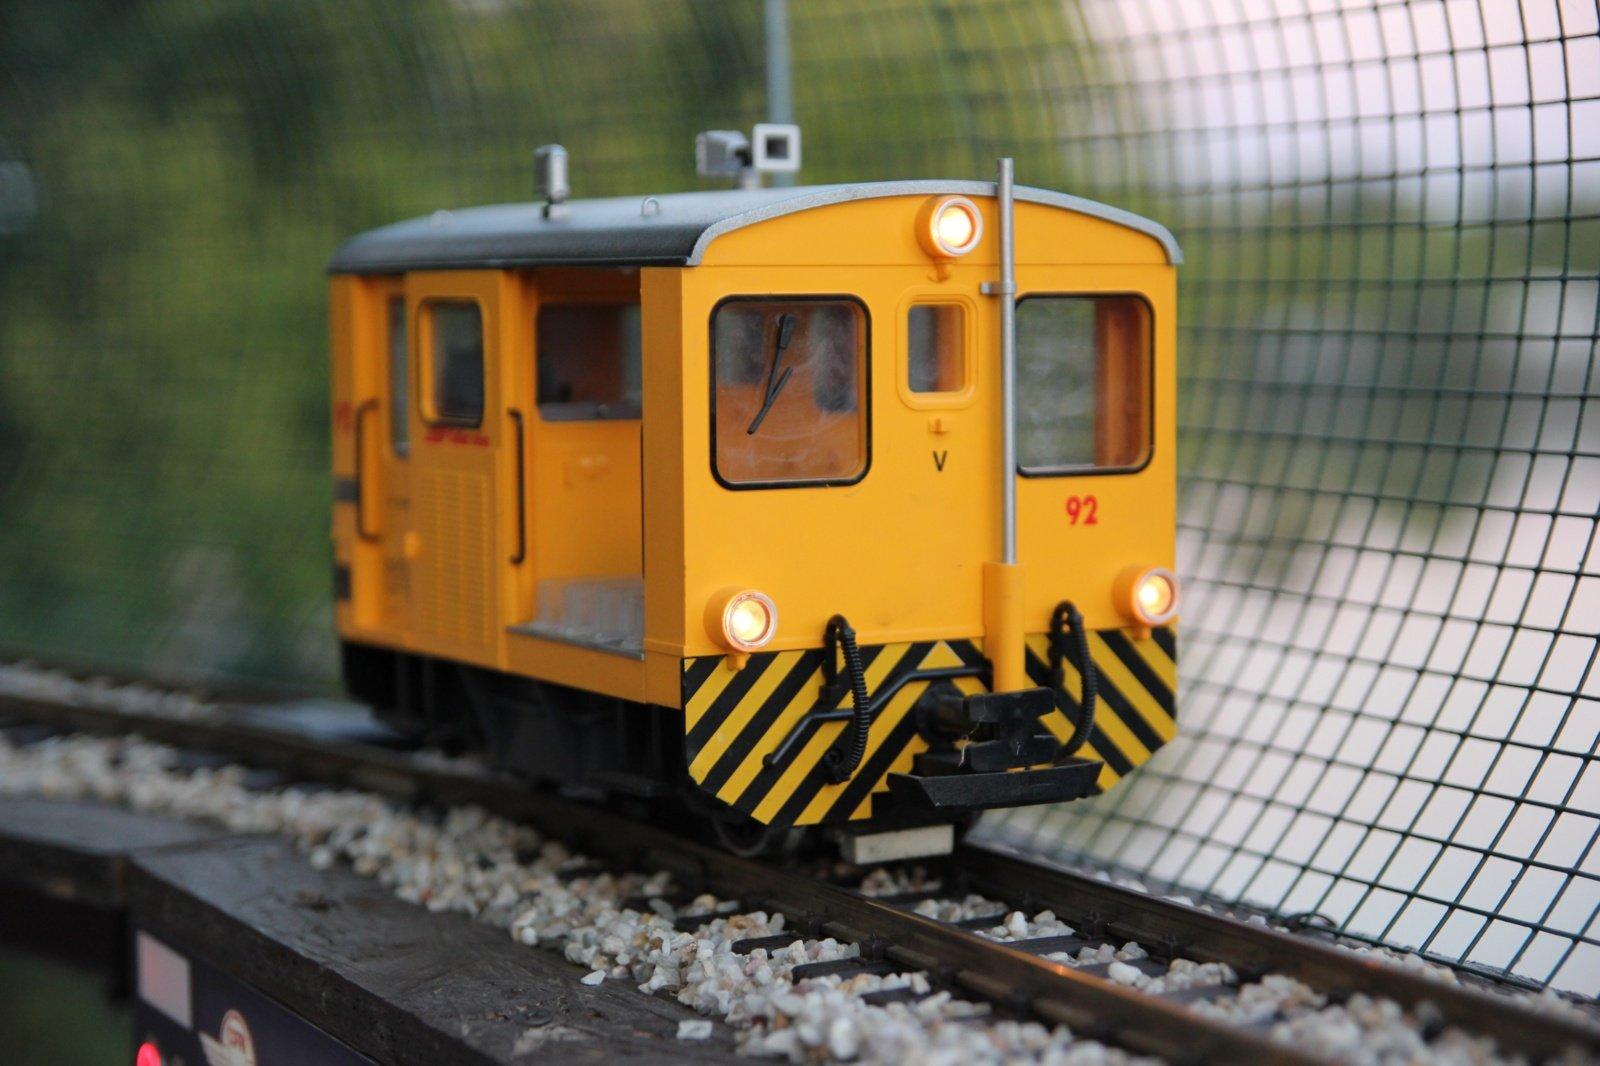 Jeigu jūsų vaikas svajoja būti traukinio mašinistu...